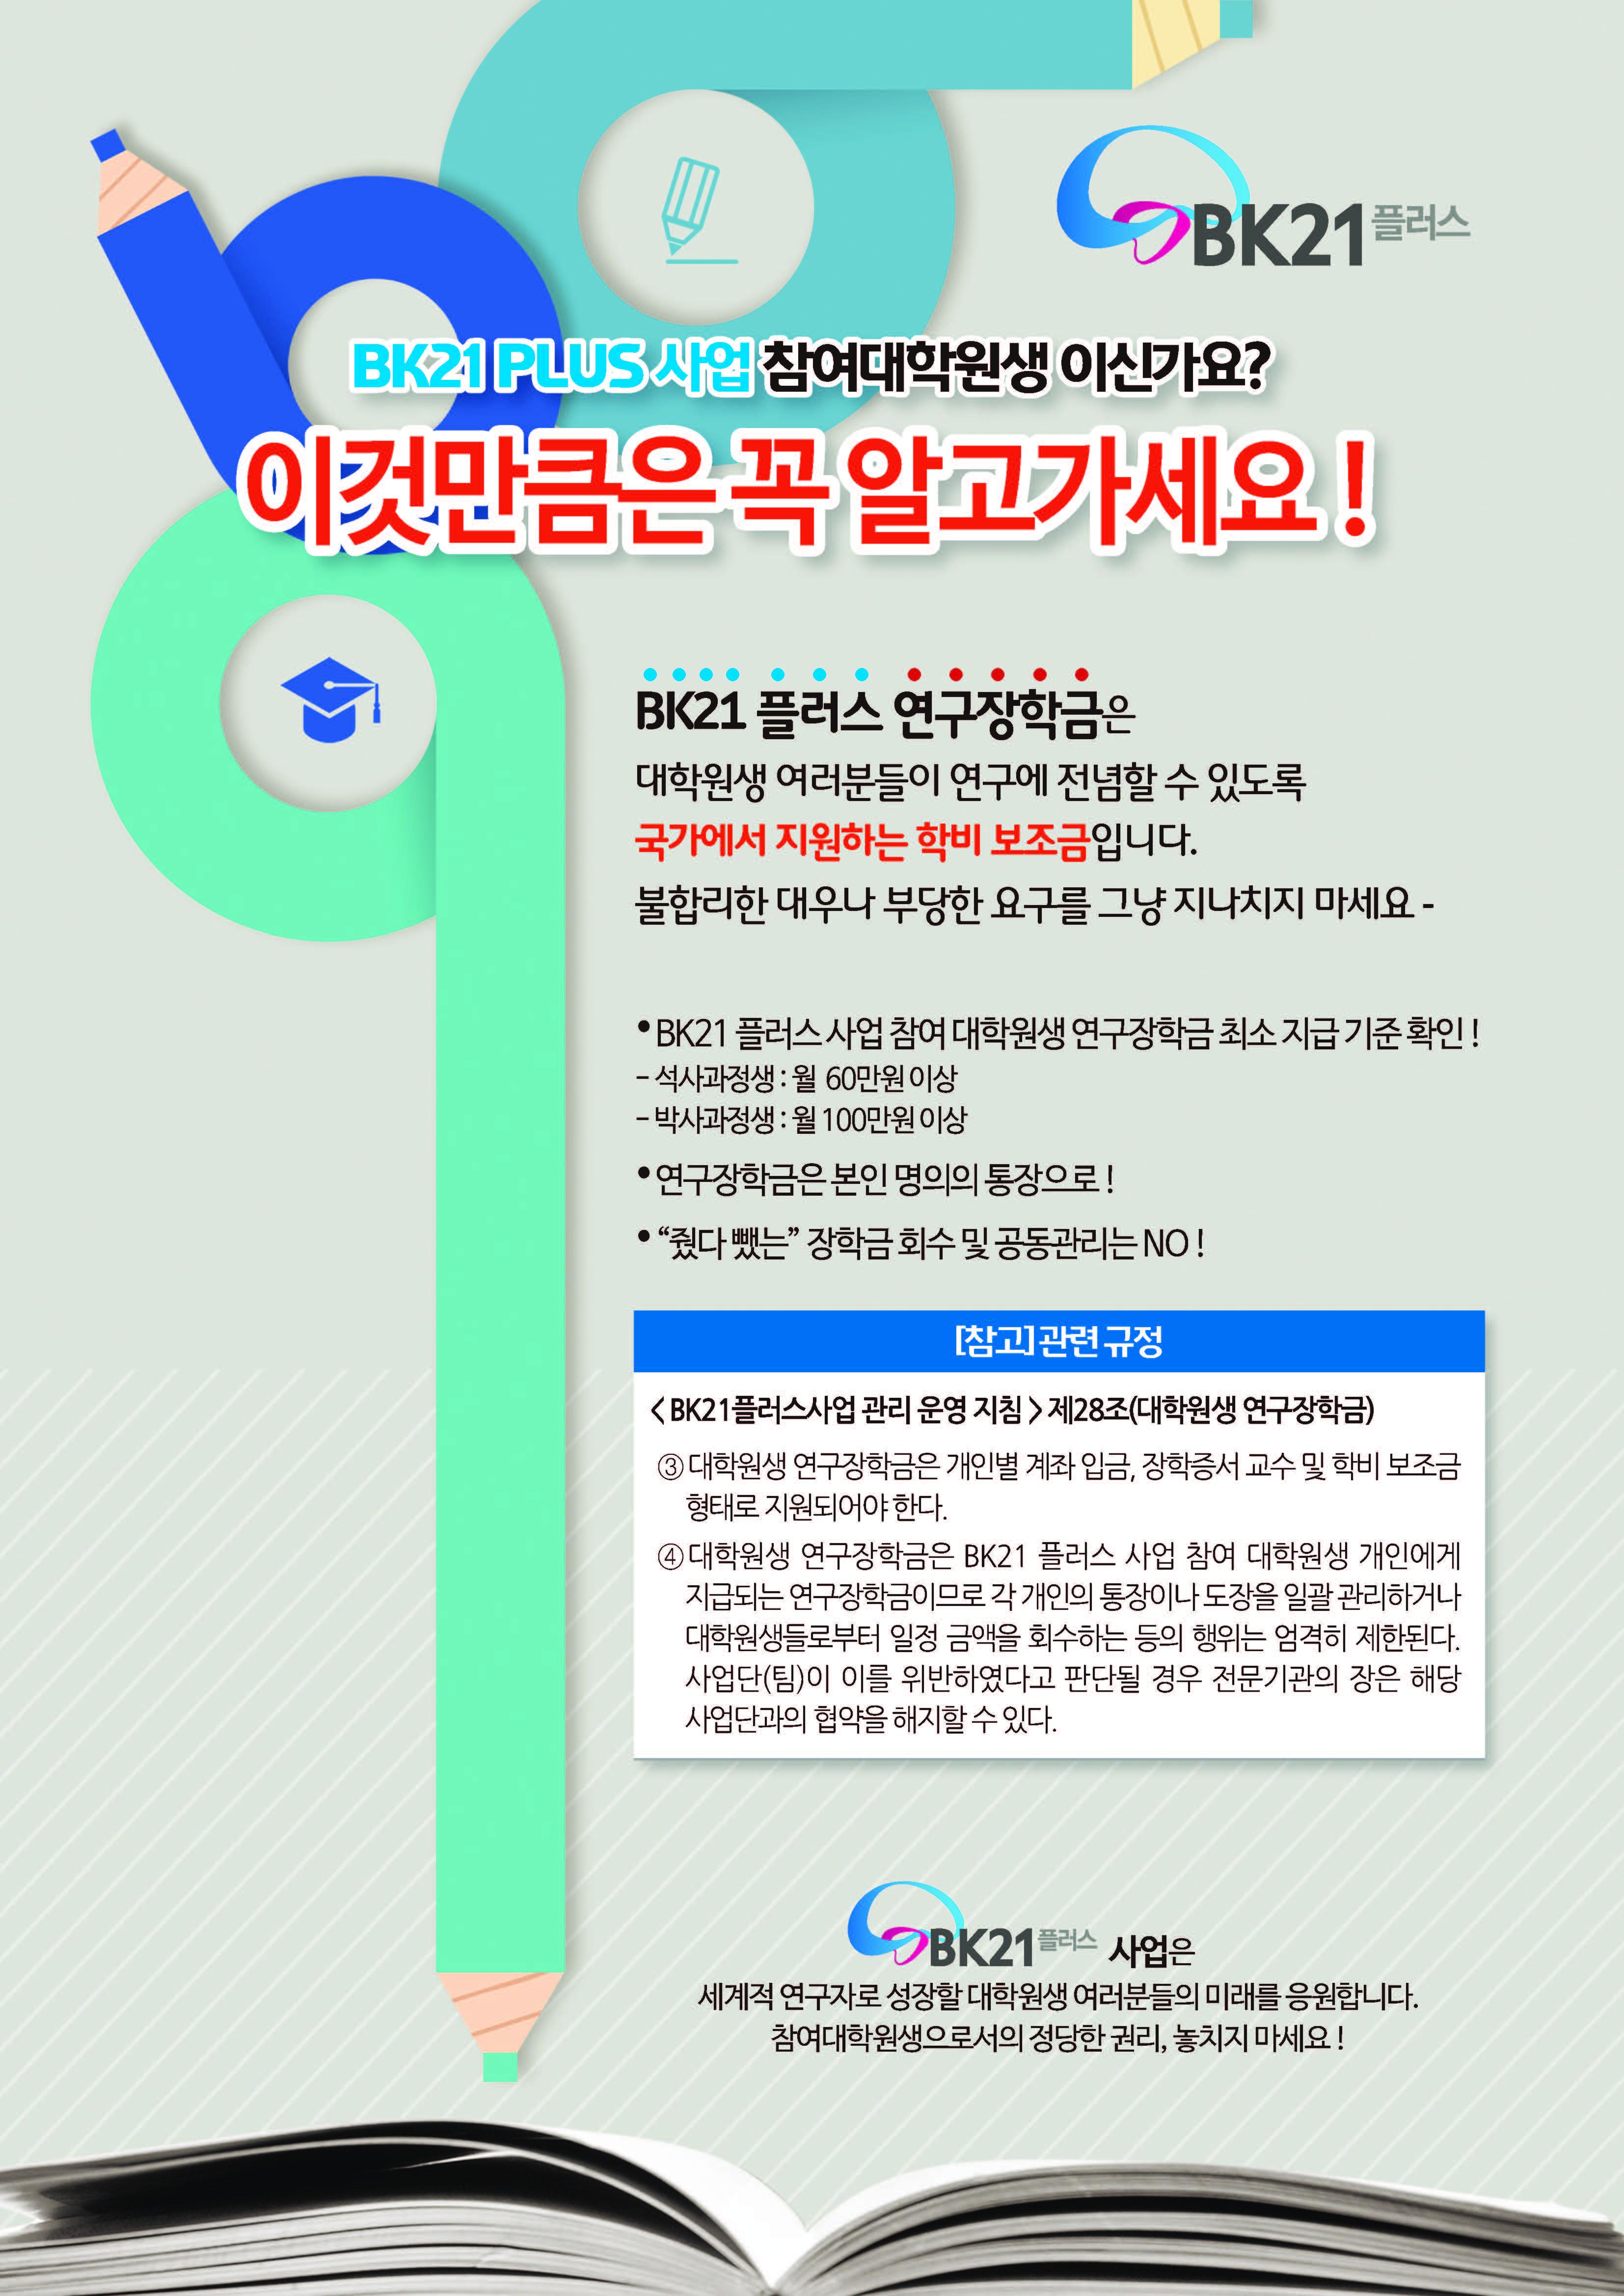 [붙임2] BK21플러스사업 연구장학금 안내문.jpg